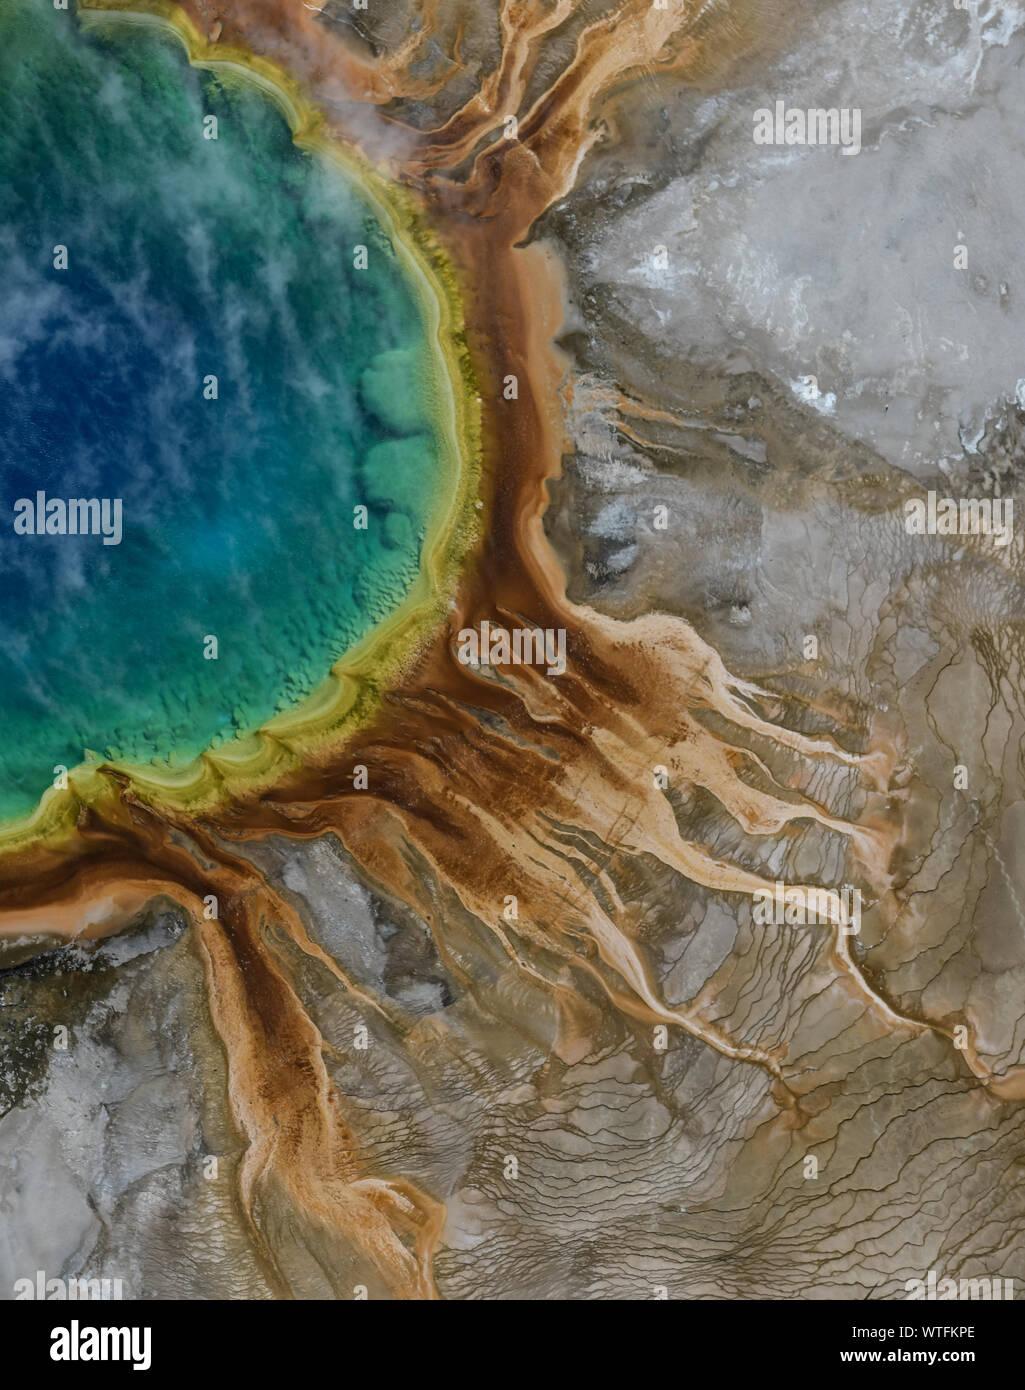 Vista aérea de Grand Prismatic Spring, en el Yellowstone. Foto de stock